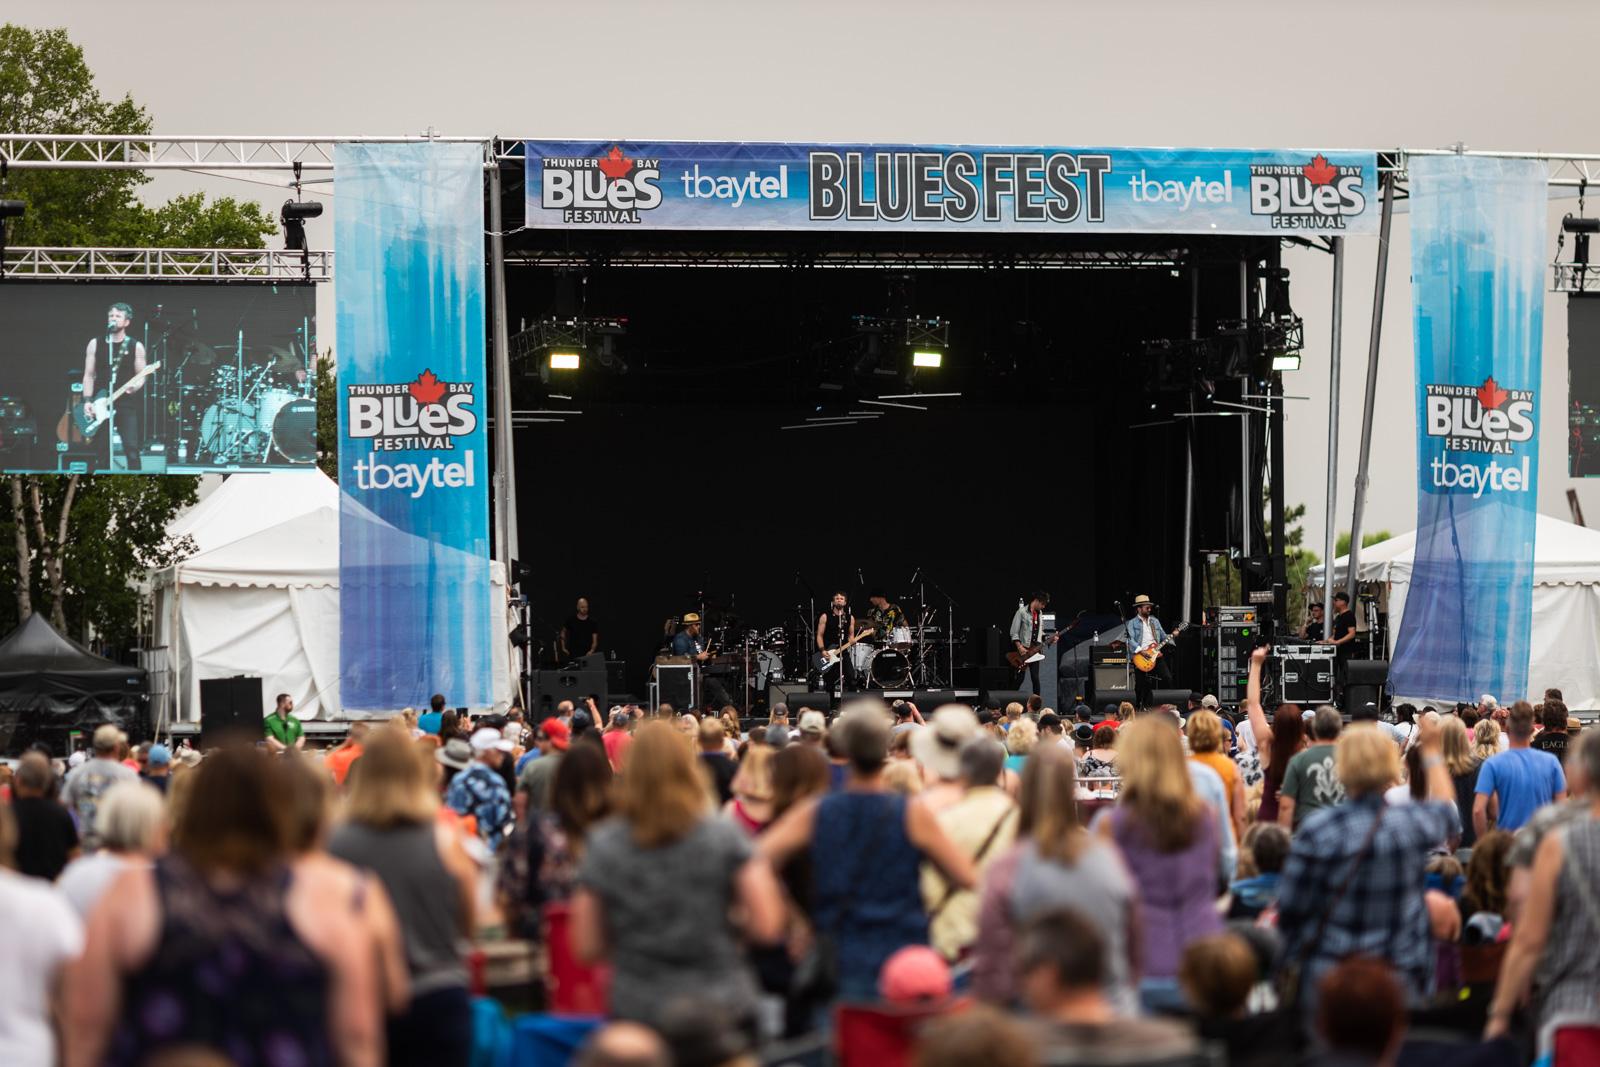 bluesfest-2019-blog-66.jpg